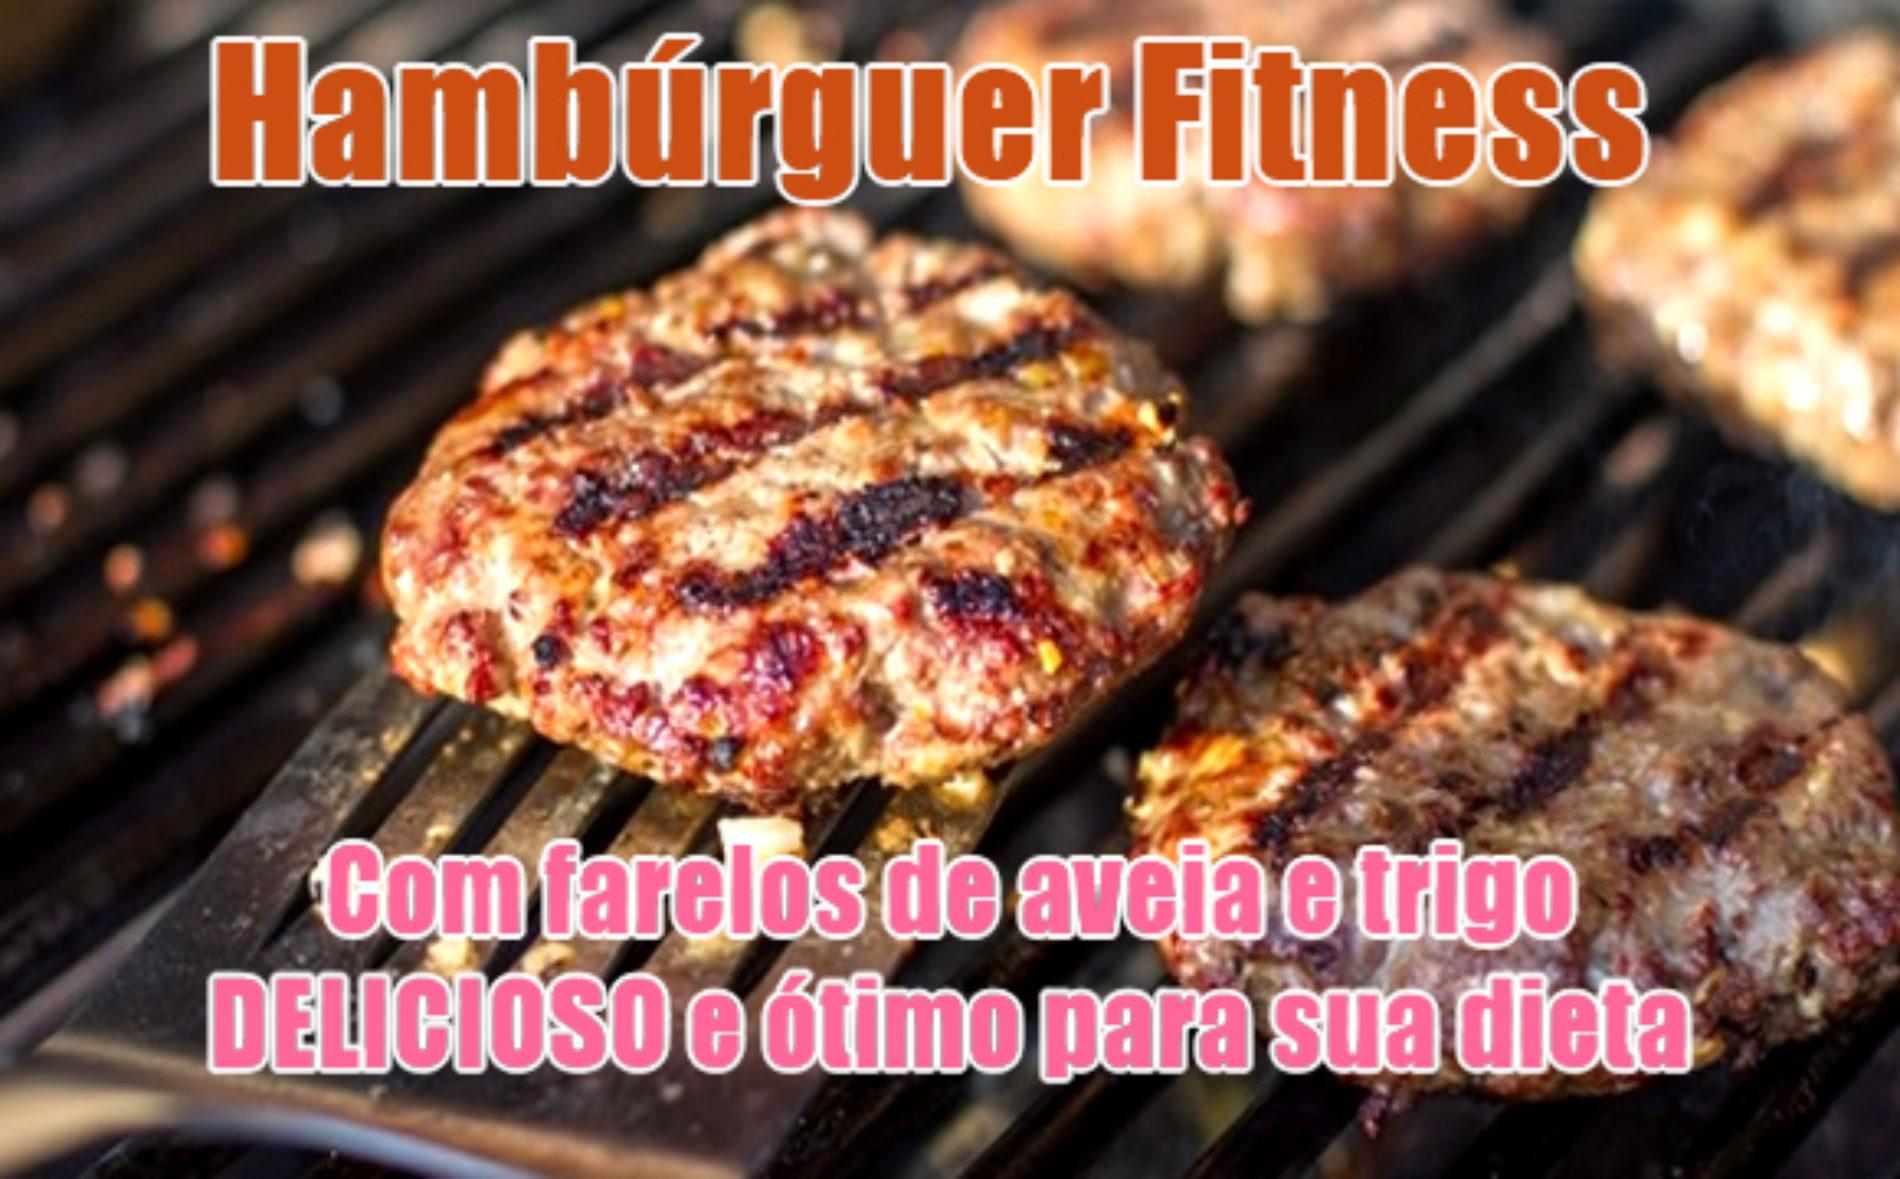 Hambúrguer Fitness com farelos de Aveia e Trigo